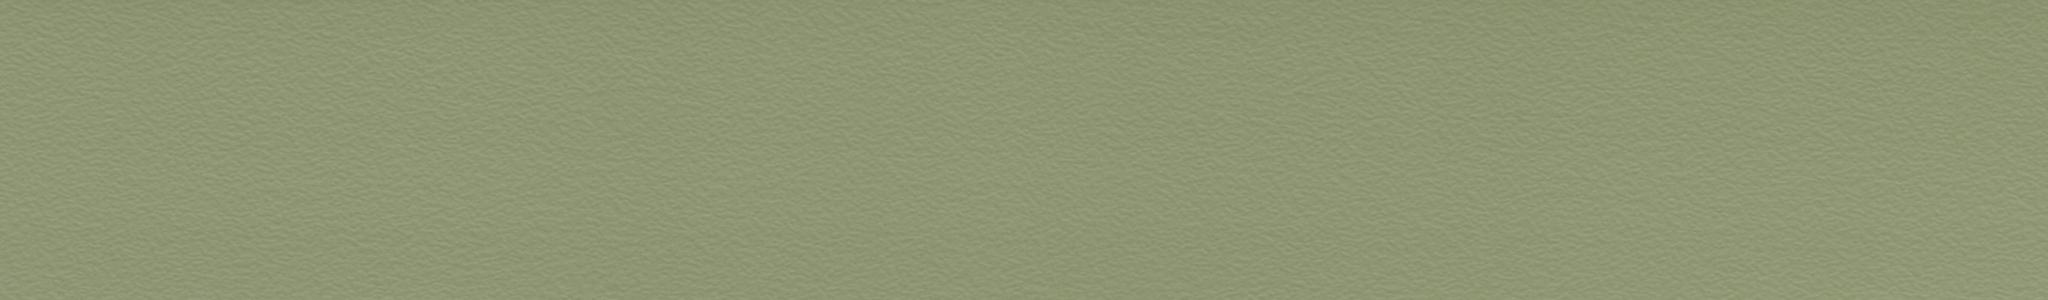 HU 169615 ABS hrana zelená Tajga perla XG